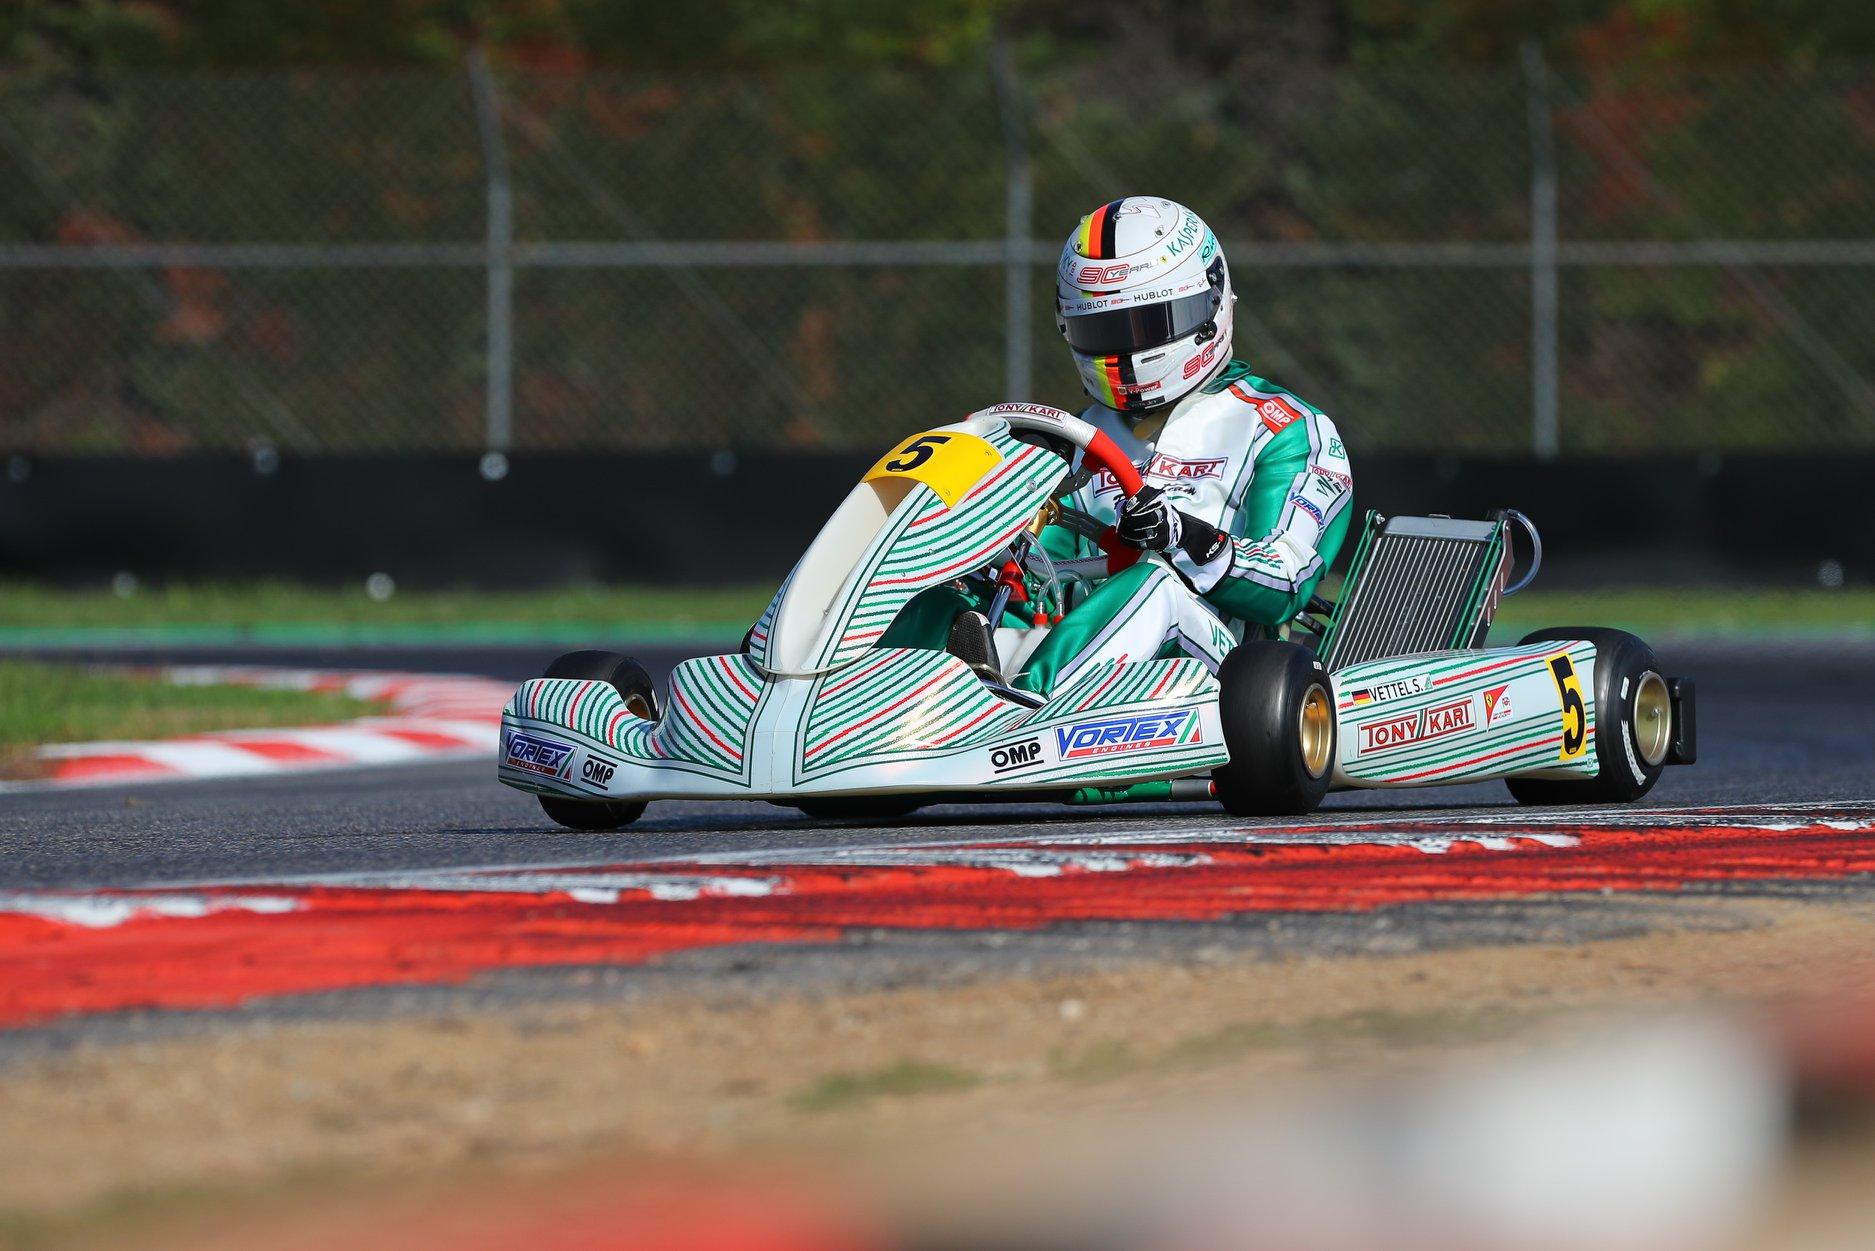 Sebastian_Vettel_testing_Tony_Kart_0005